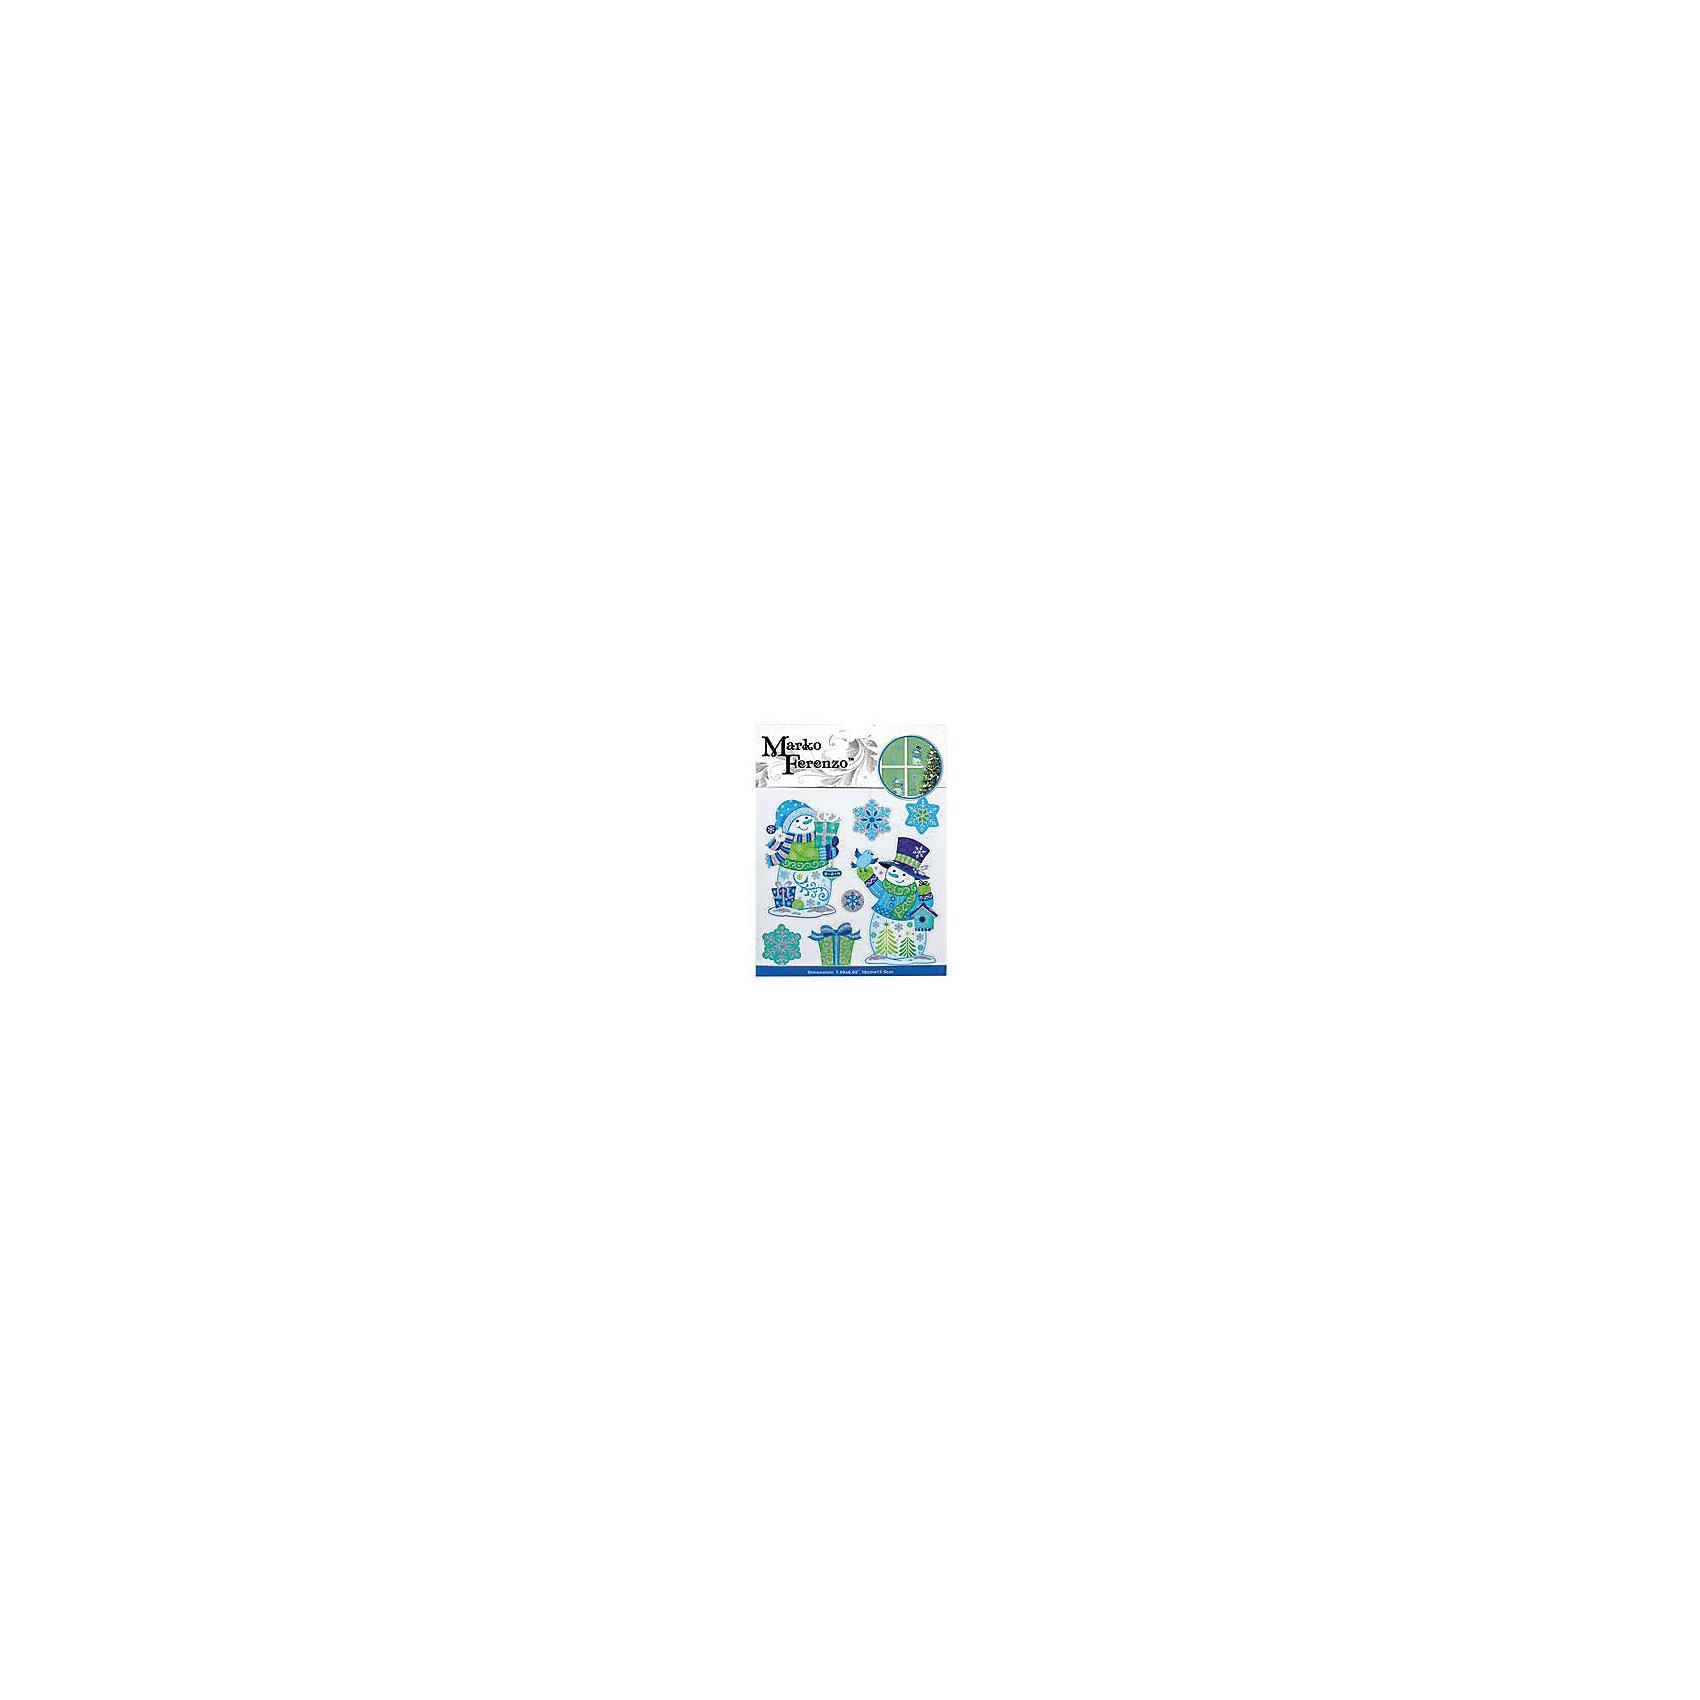 Наклейка Снеговики 24*18,5 см, Marko FerenzoВсё для праздника<br>Наклейка Снеговики 24*18,5 см, Marko Ferenzo (Марко Ферензо) - новогодний стикер создаст праздничную атмосферу.<br>Эти удивительно красивые новогодние наклейки напоминают фрагменты лучших рождественских открыток! Яркие, красочные наклейки предназначены для украшения различных поверхностей и могут быть использованы в качестве декора, как окон, так и интерьера. Устройте настоящий праздник! Пусть он сопровождает вас повсюду! Торговая марка «Marko Ferenzo» (Марко Ферензо) – это стиль, красочность, оригинальность и качество, которому можно доверять!<br><br>Дополнительная информация:<br><br>- Размер: 24х18,5 см.<br><br>Наклейку Снеговики 24*18,5 см, Marko Ferenzo (Марко Ферензо) можно купить в нашем интернет-магазине.<br><br>Ширина мм: 100<br>Глубина мм: 10<br>Высота мм: 100<br>Вес г: 320<br>Возраст от месяцев: 36<br>Возраст до месяцев: 2147483647<br>Пол: Унисекс<br>Возраст: Детский<br>SKU: 4418969